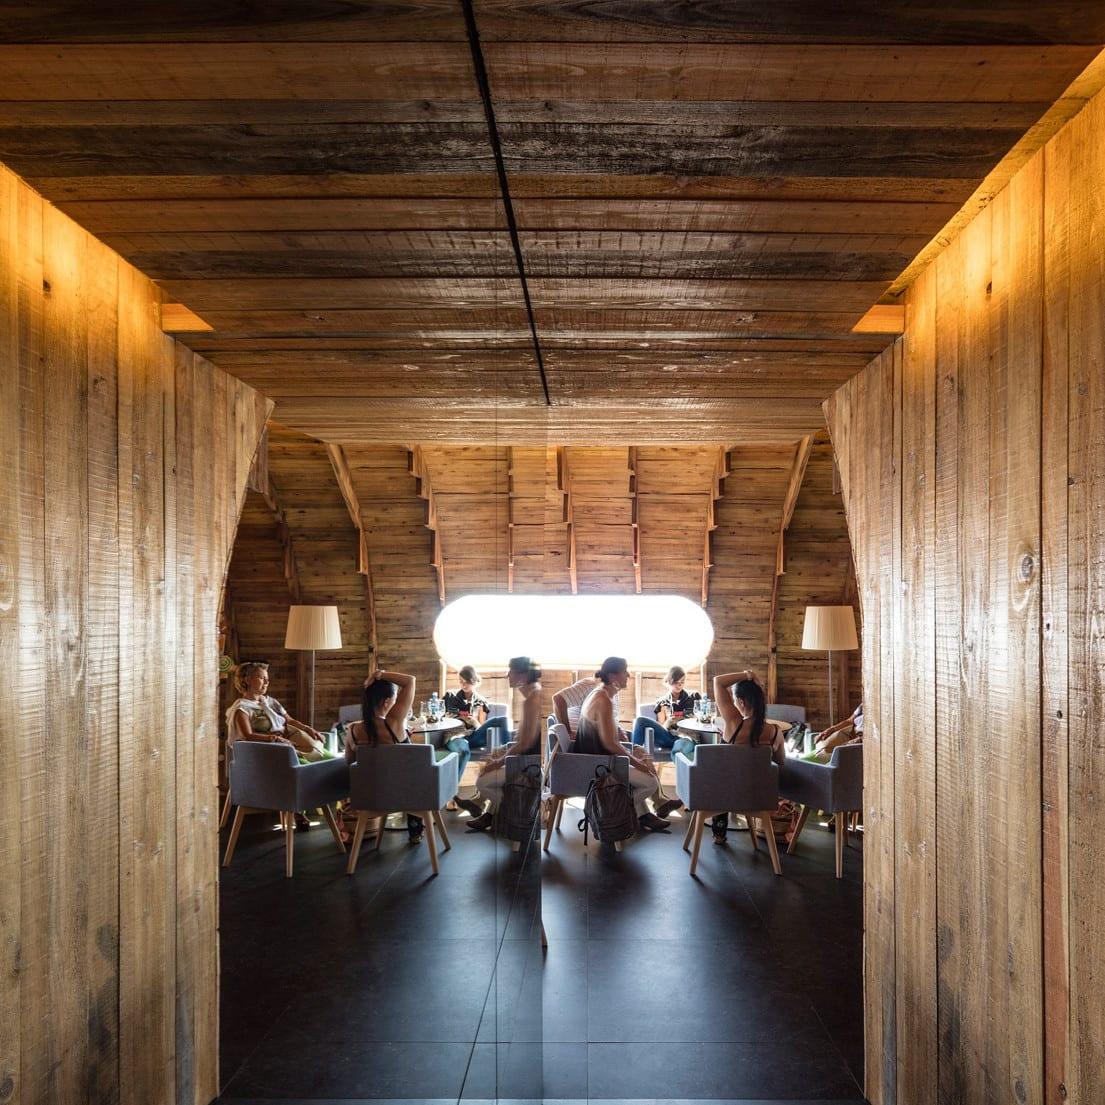 bauen mit holz als beispiel für modernes restaurant bar-interieur mit holwänden und indirekter deckenbeleuchtung über aufgehänter holzdecke